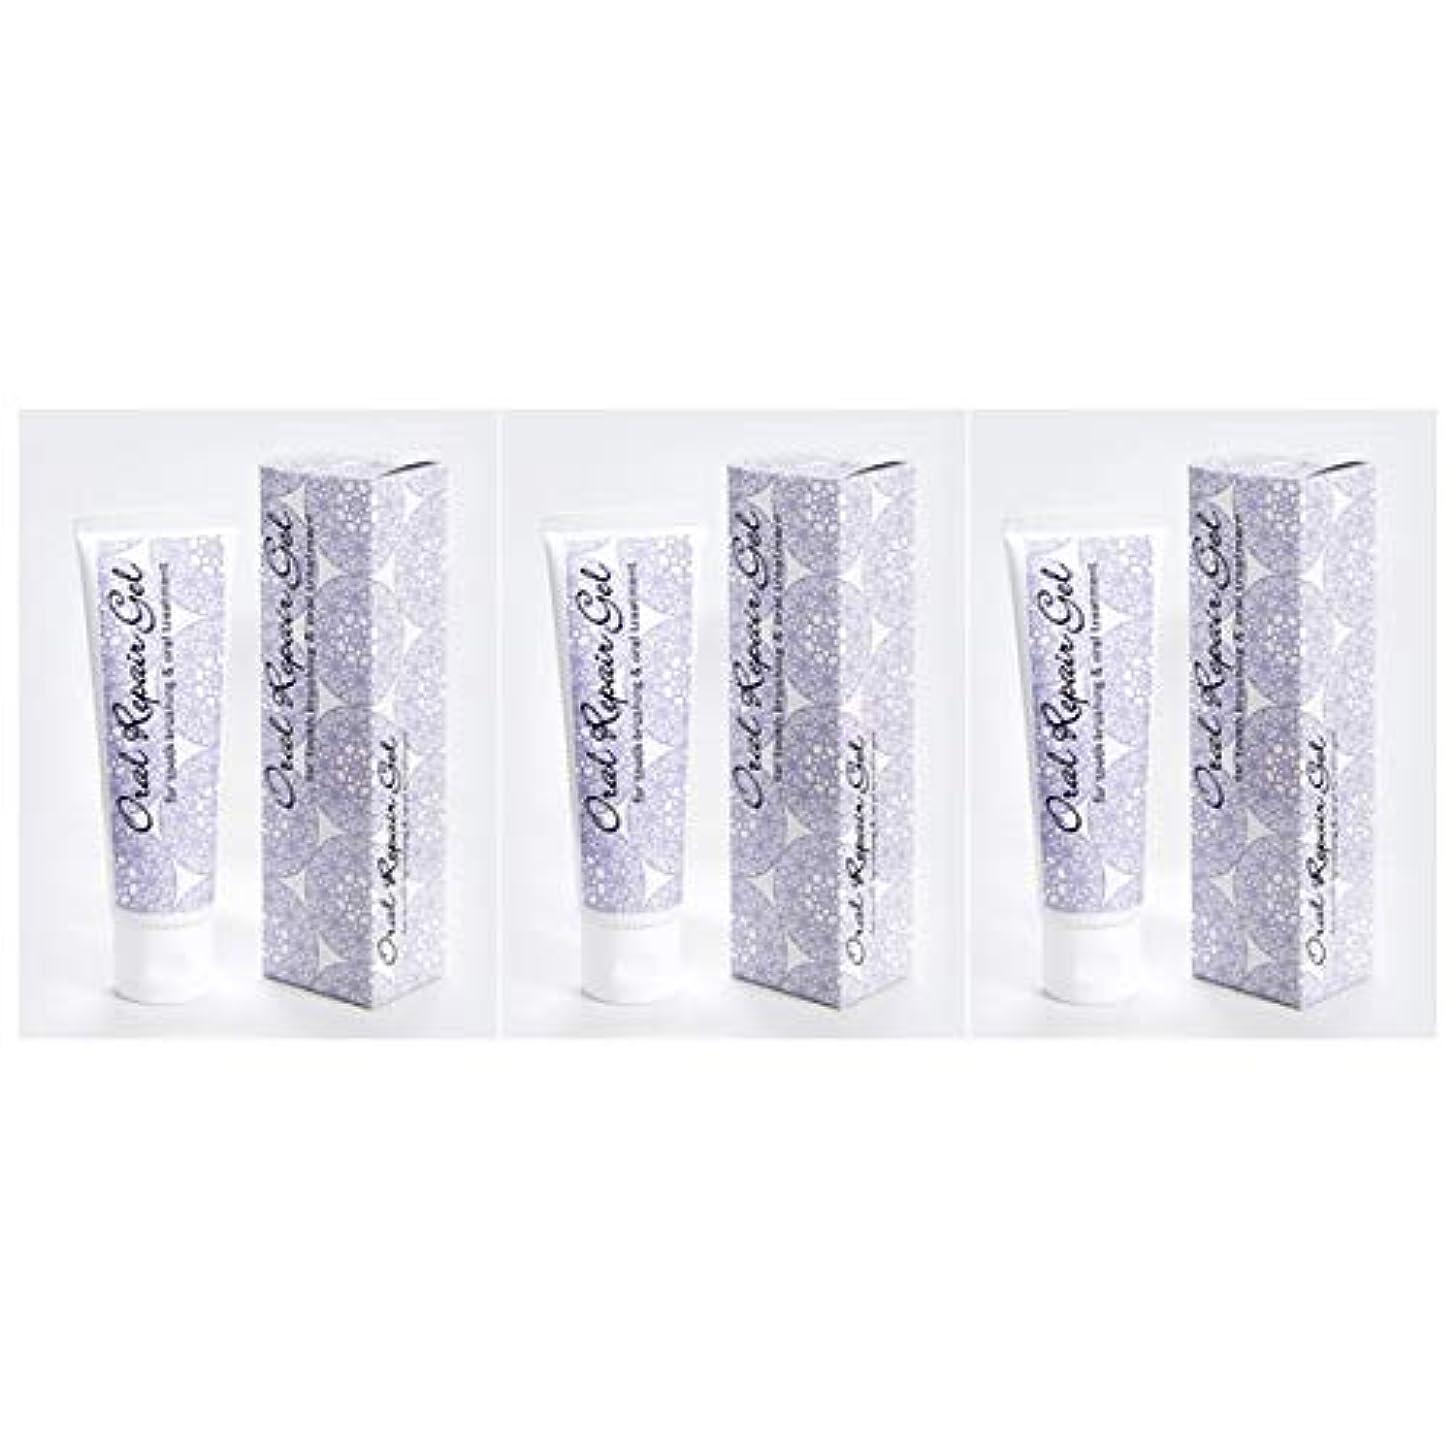 シャットまだら全国オーラルリペアジェル3個セット(80g×3個) 天然アパタイト+乳酸菌生産物質配合の無添加歯磨き剤